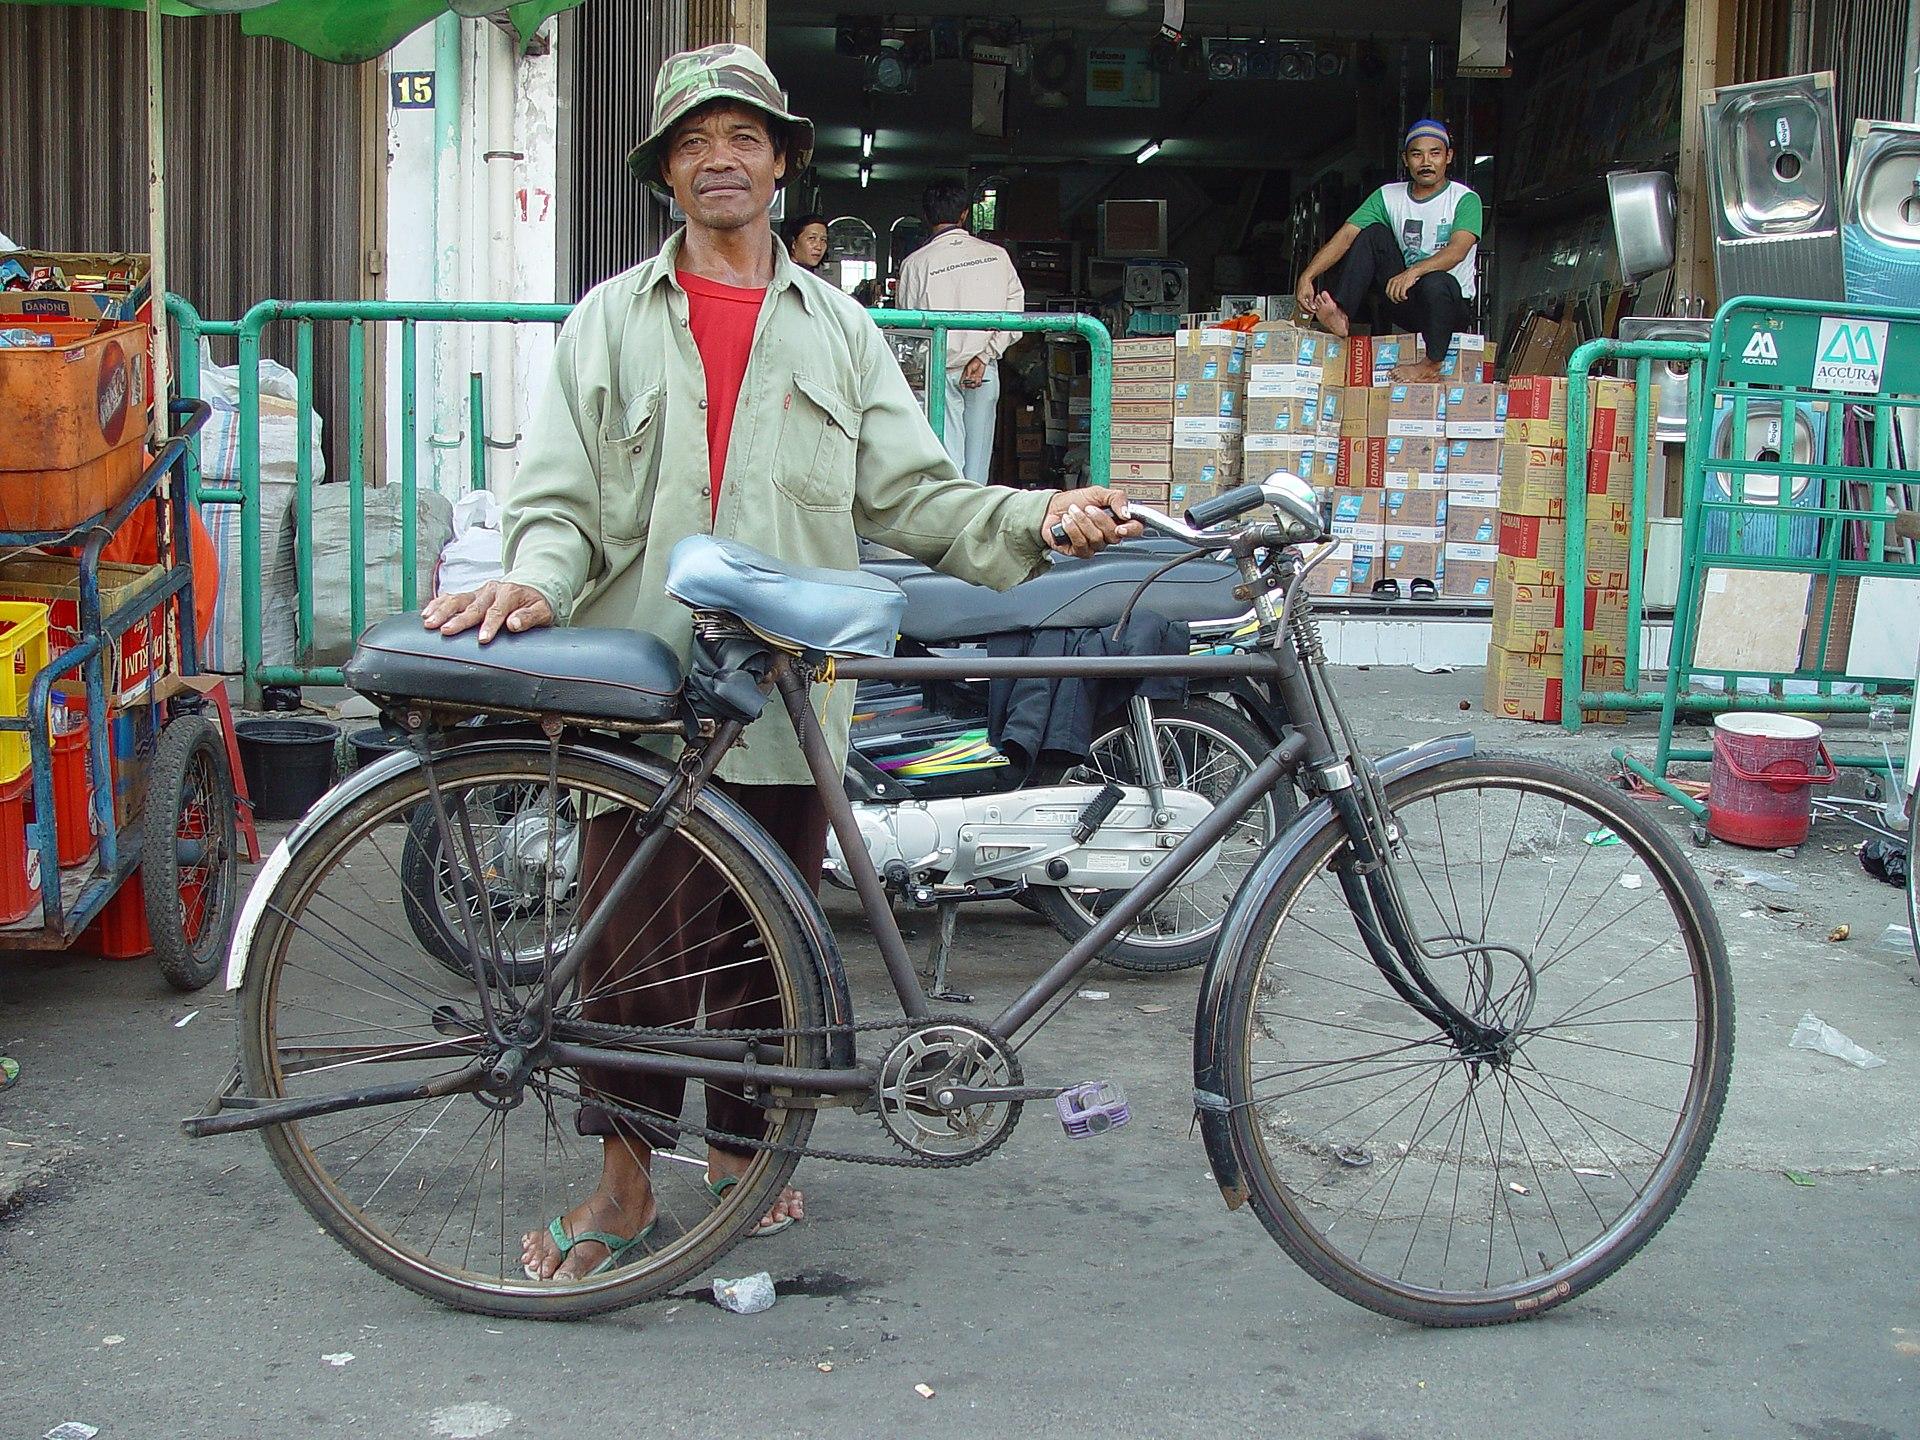 Sepeda - Wikipedia bahasa Indonesia, ensiklopedia bebas